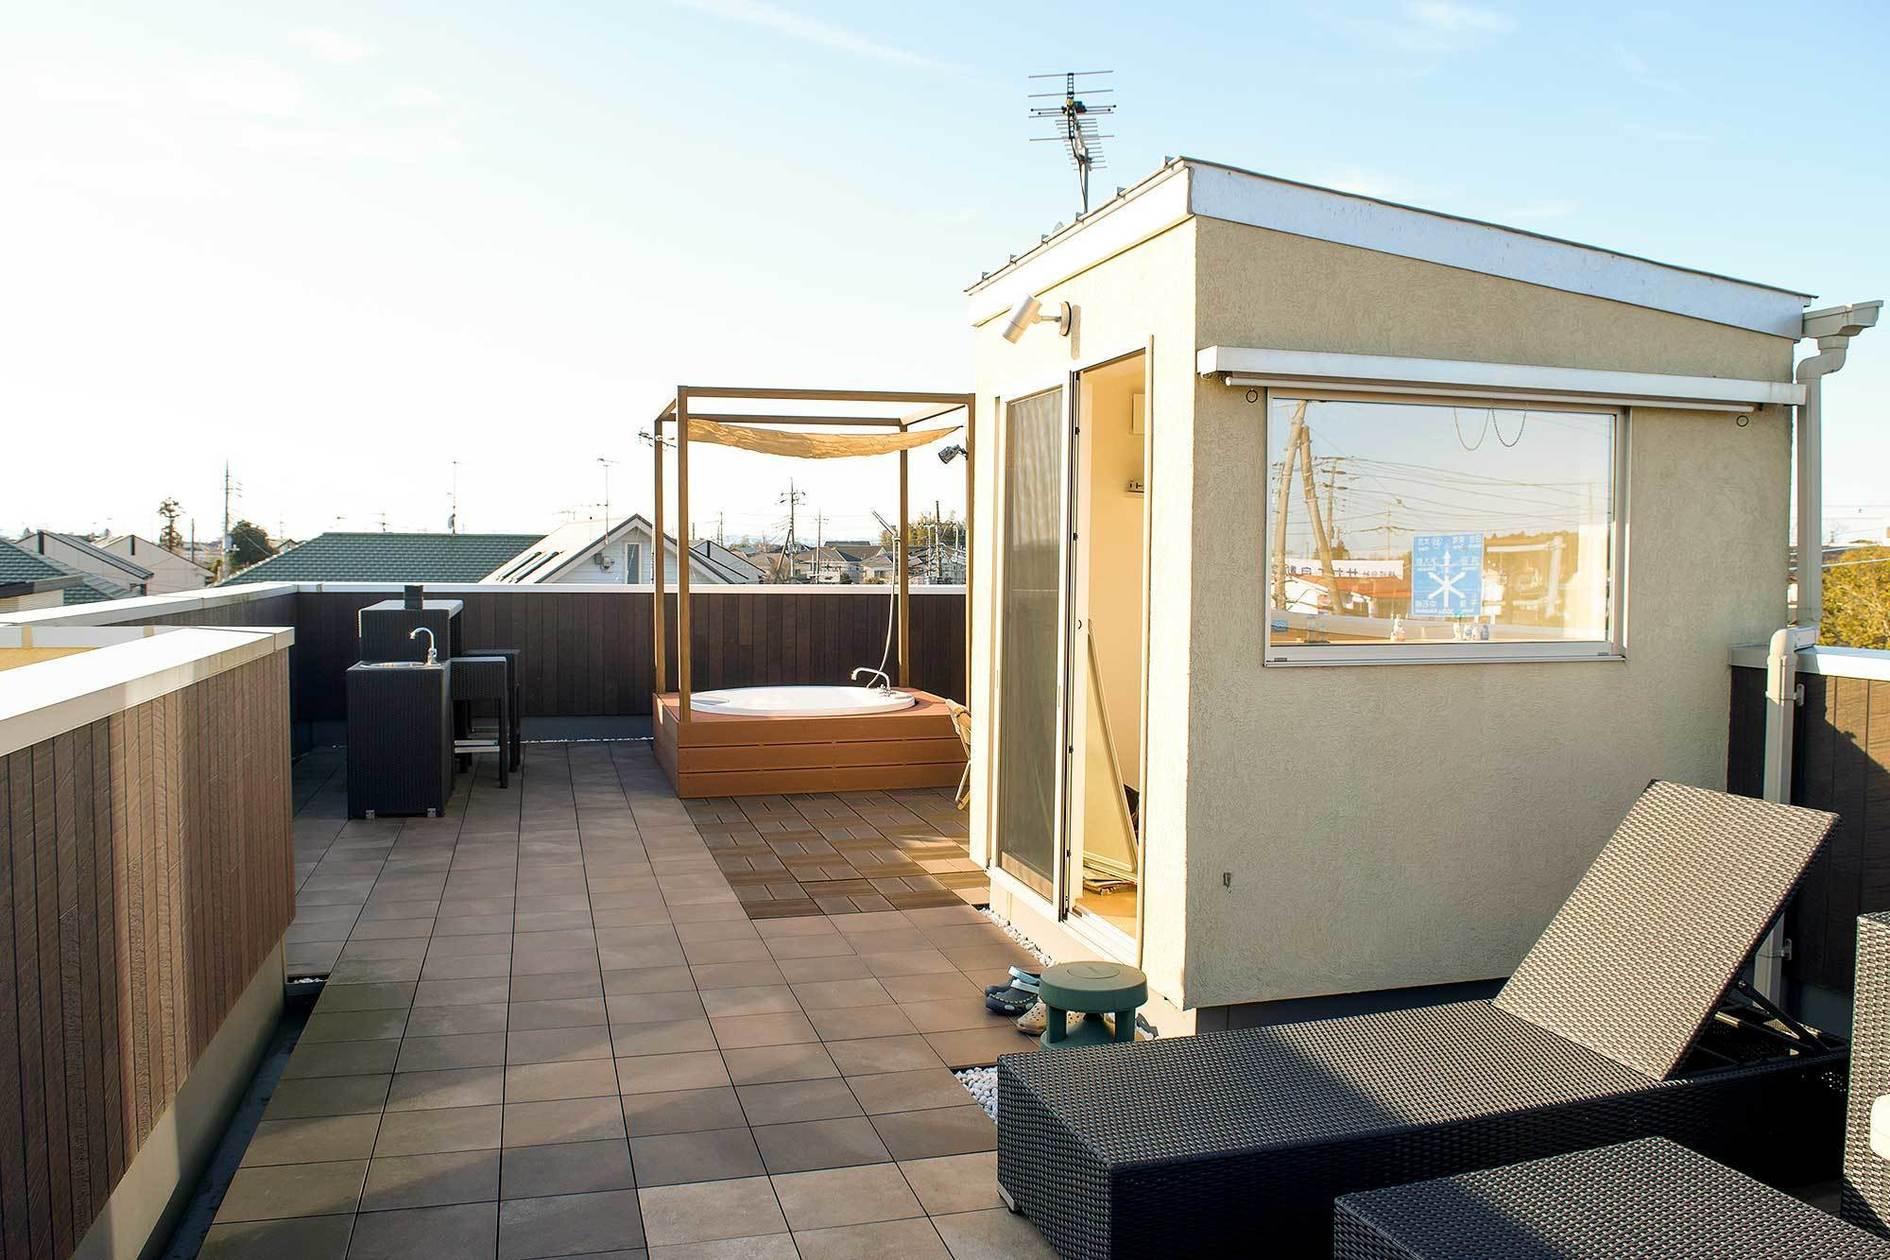 屋上で露天風呂やバーカウンターなどパーティーや撮影に!茨城県水戸市(屋上で露天風呂やバーカウンターなどパーティーや撮影に!茨城県水戸市) の写真0